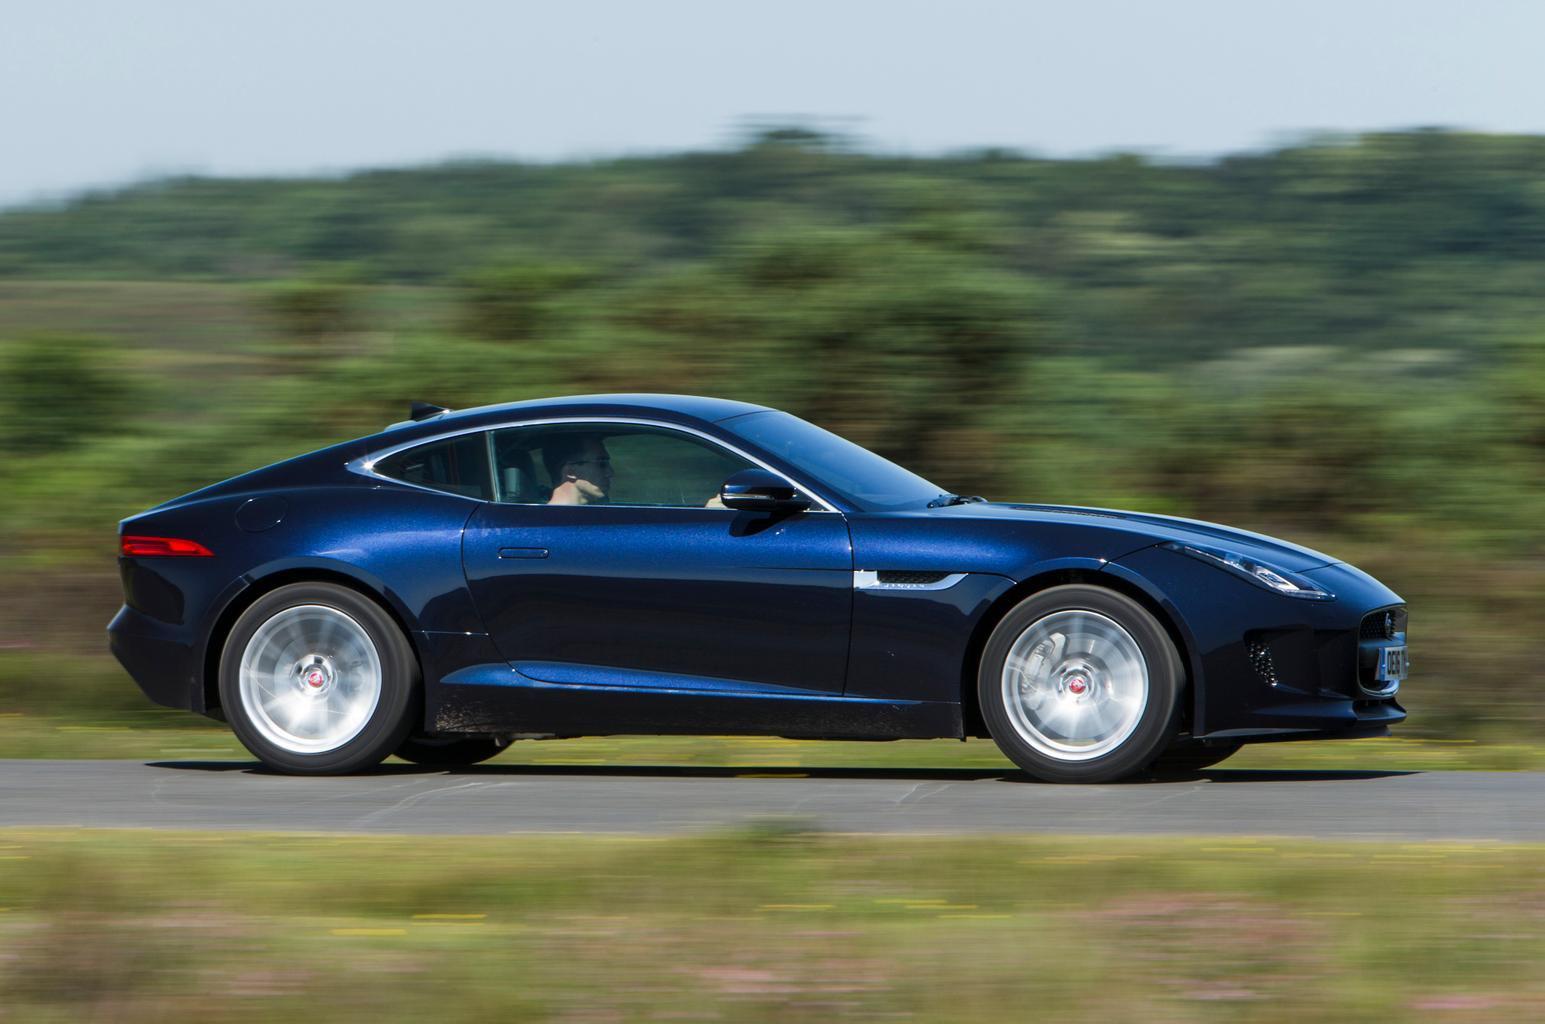 New Porsche 718 Cayman S vs BMW M2 vs Jaguar F-Type